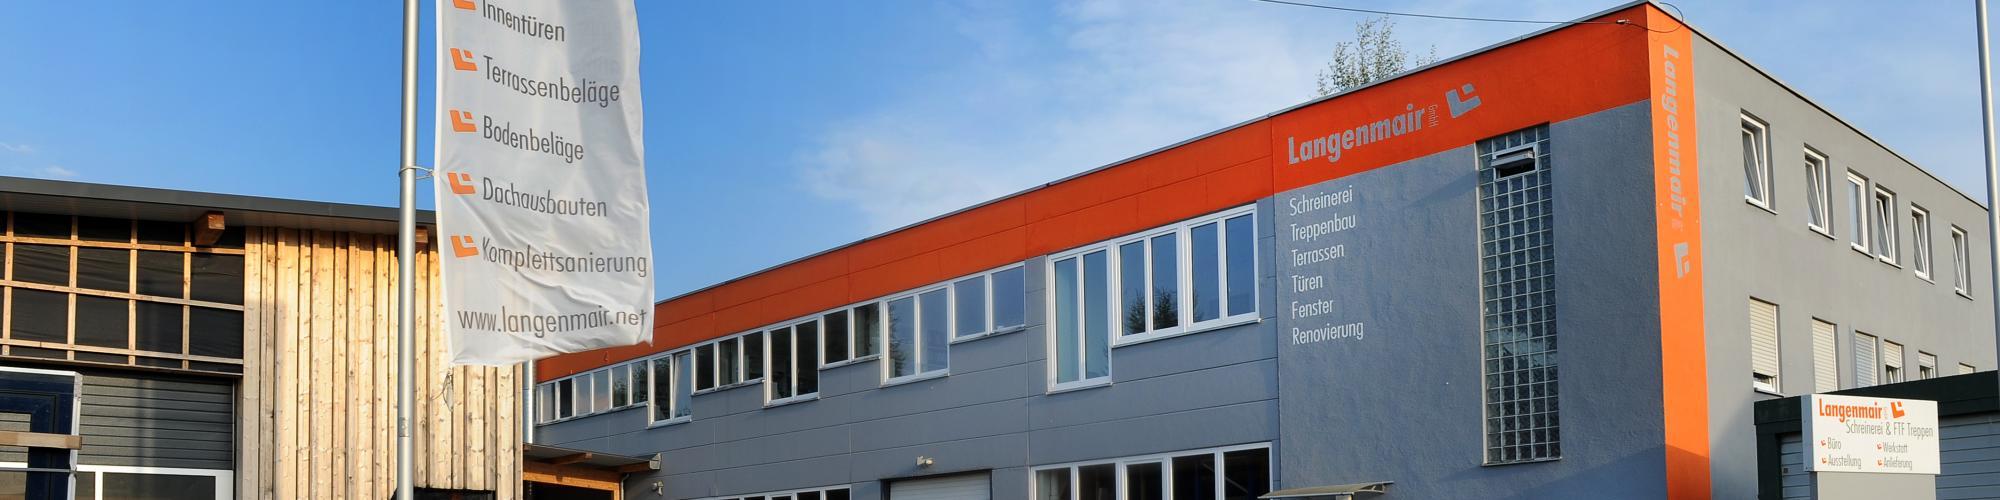 Langenmair Schreinerei und Komplettbau GmbH